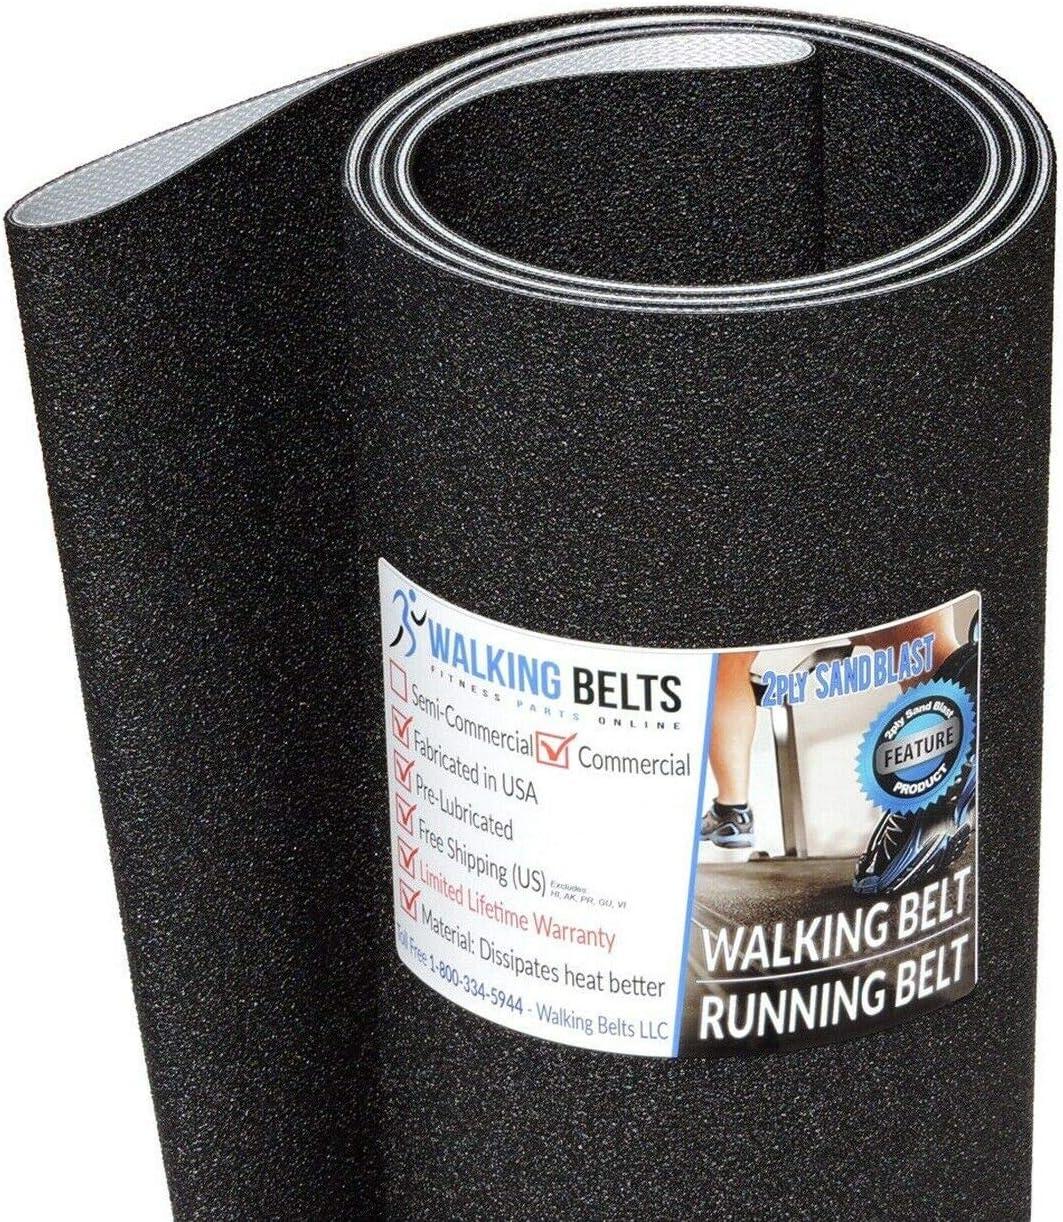 WALKINGBELTS Walking Belts LLC - E3000 295130 NT Superlatite Inexpensive Runni Treadmill